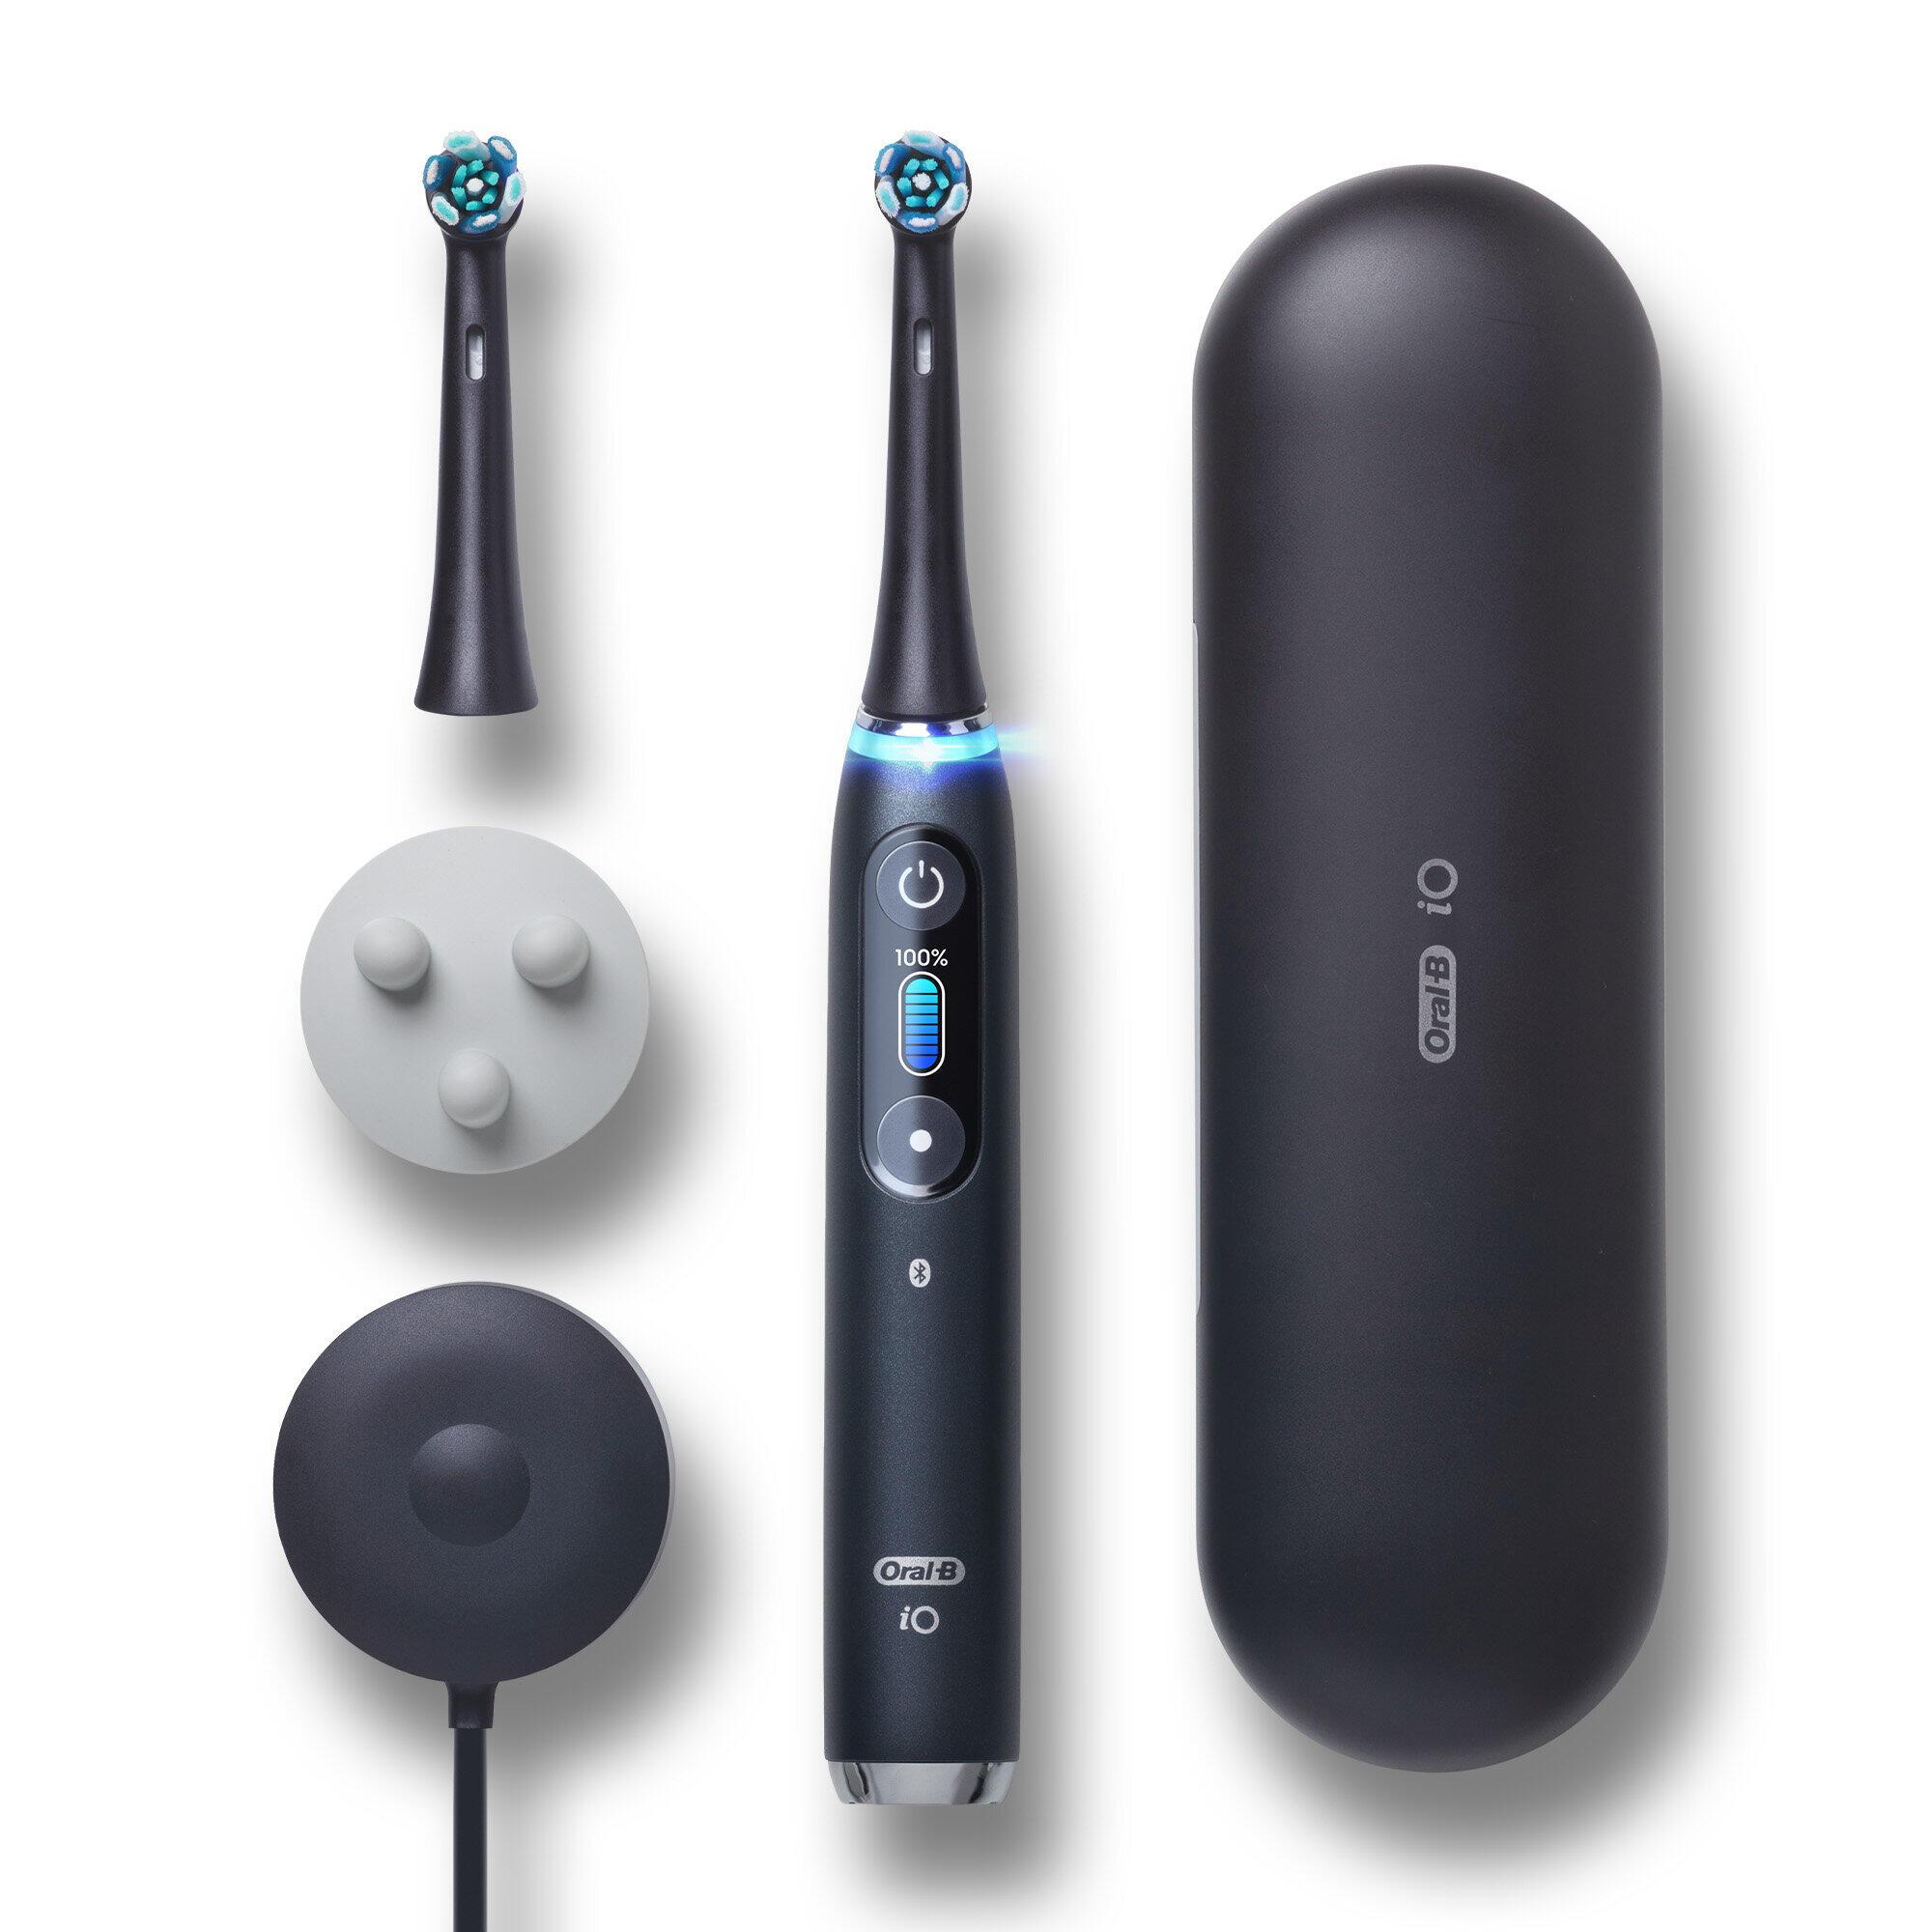 10月より開始する次世代電動歯ブラシ「オーラルB iO」